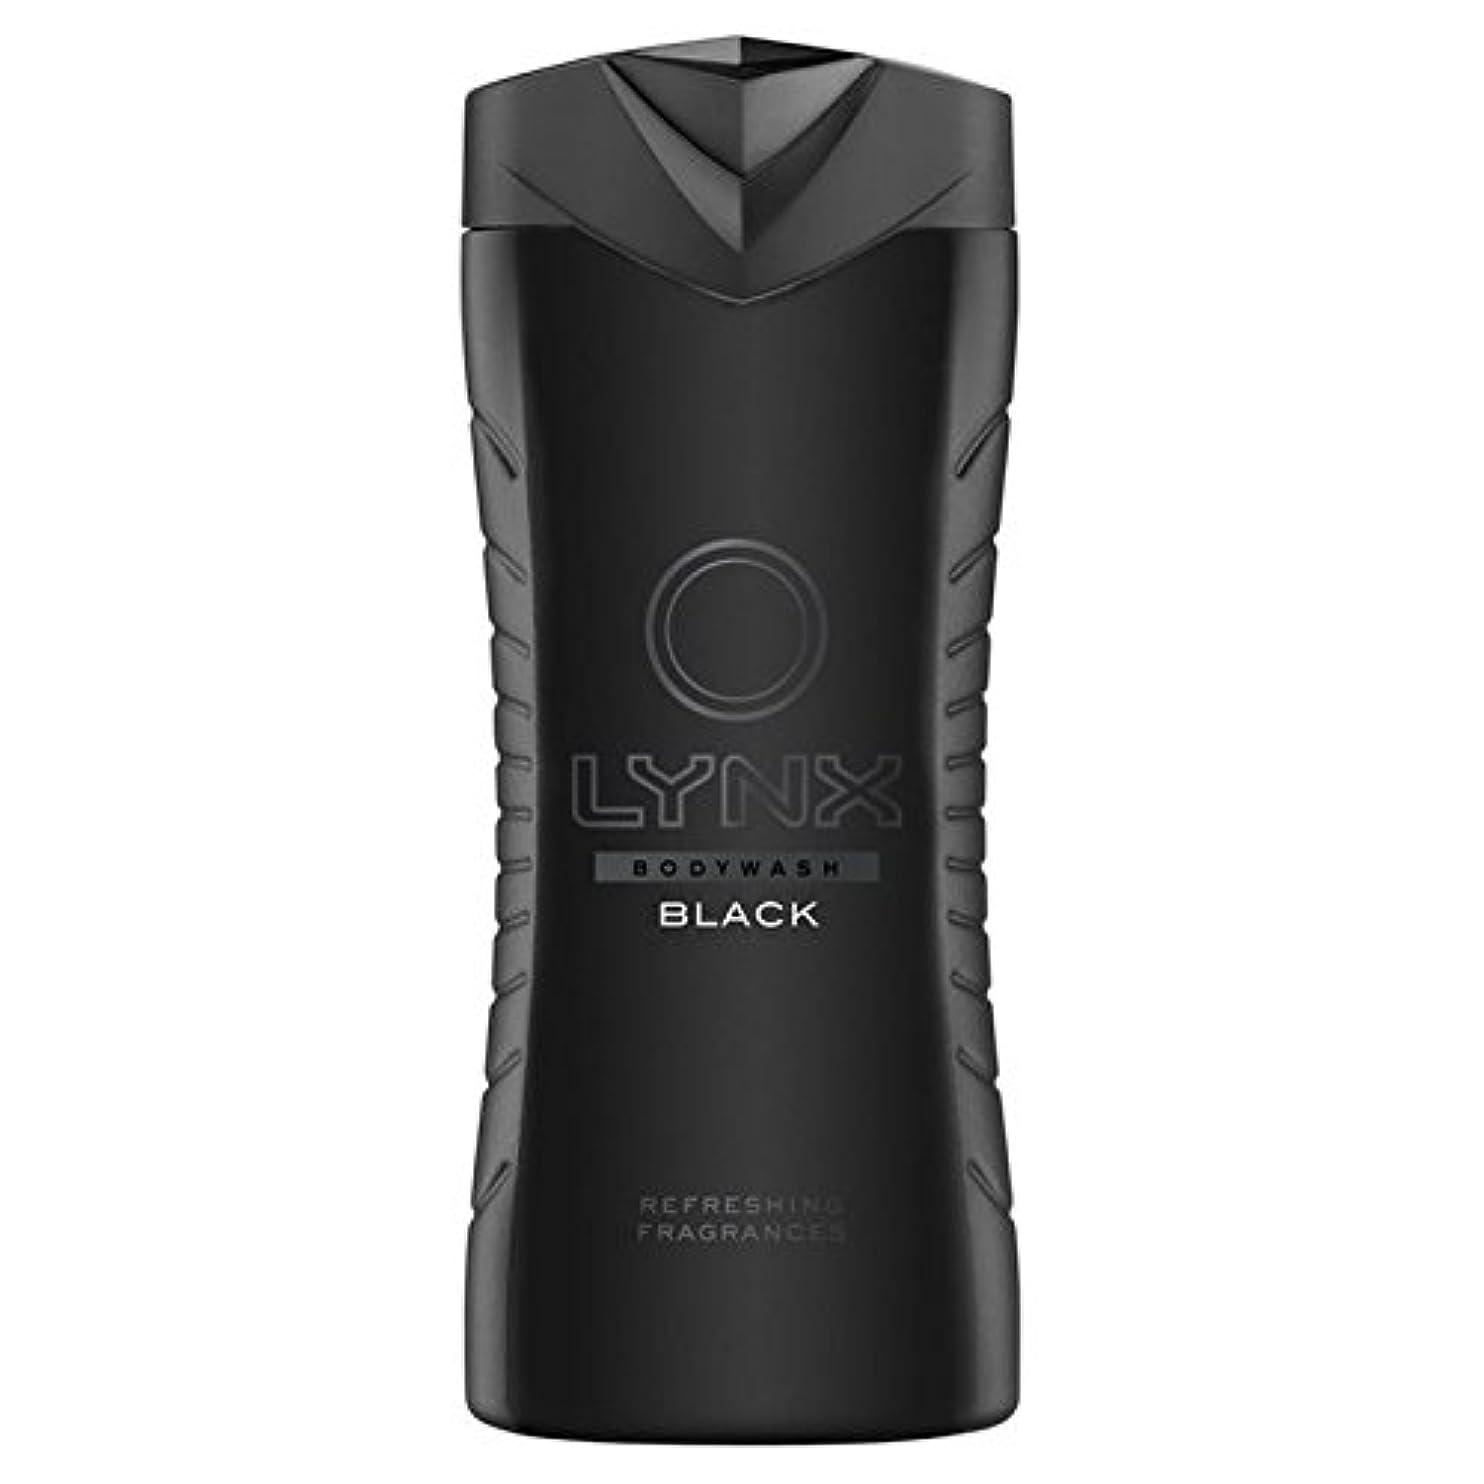 概要呼吸偏見Lynx Black Shower Gel 400ml (Pack of 6) - オオヤマネコブラックシャワージェル400ミリリットル x6 [並行輸入品]